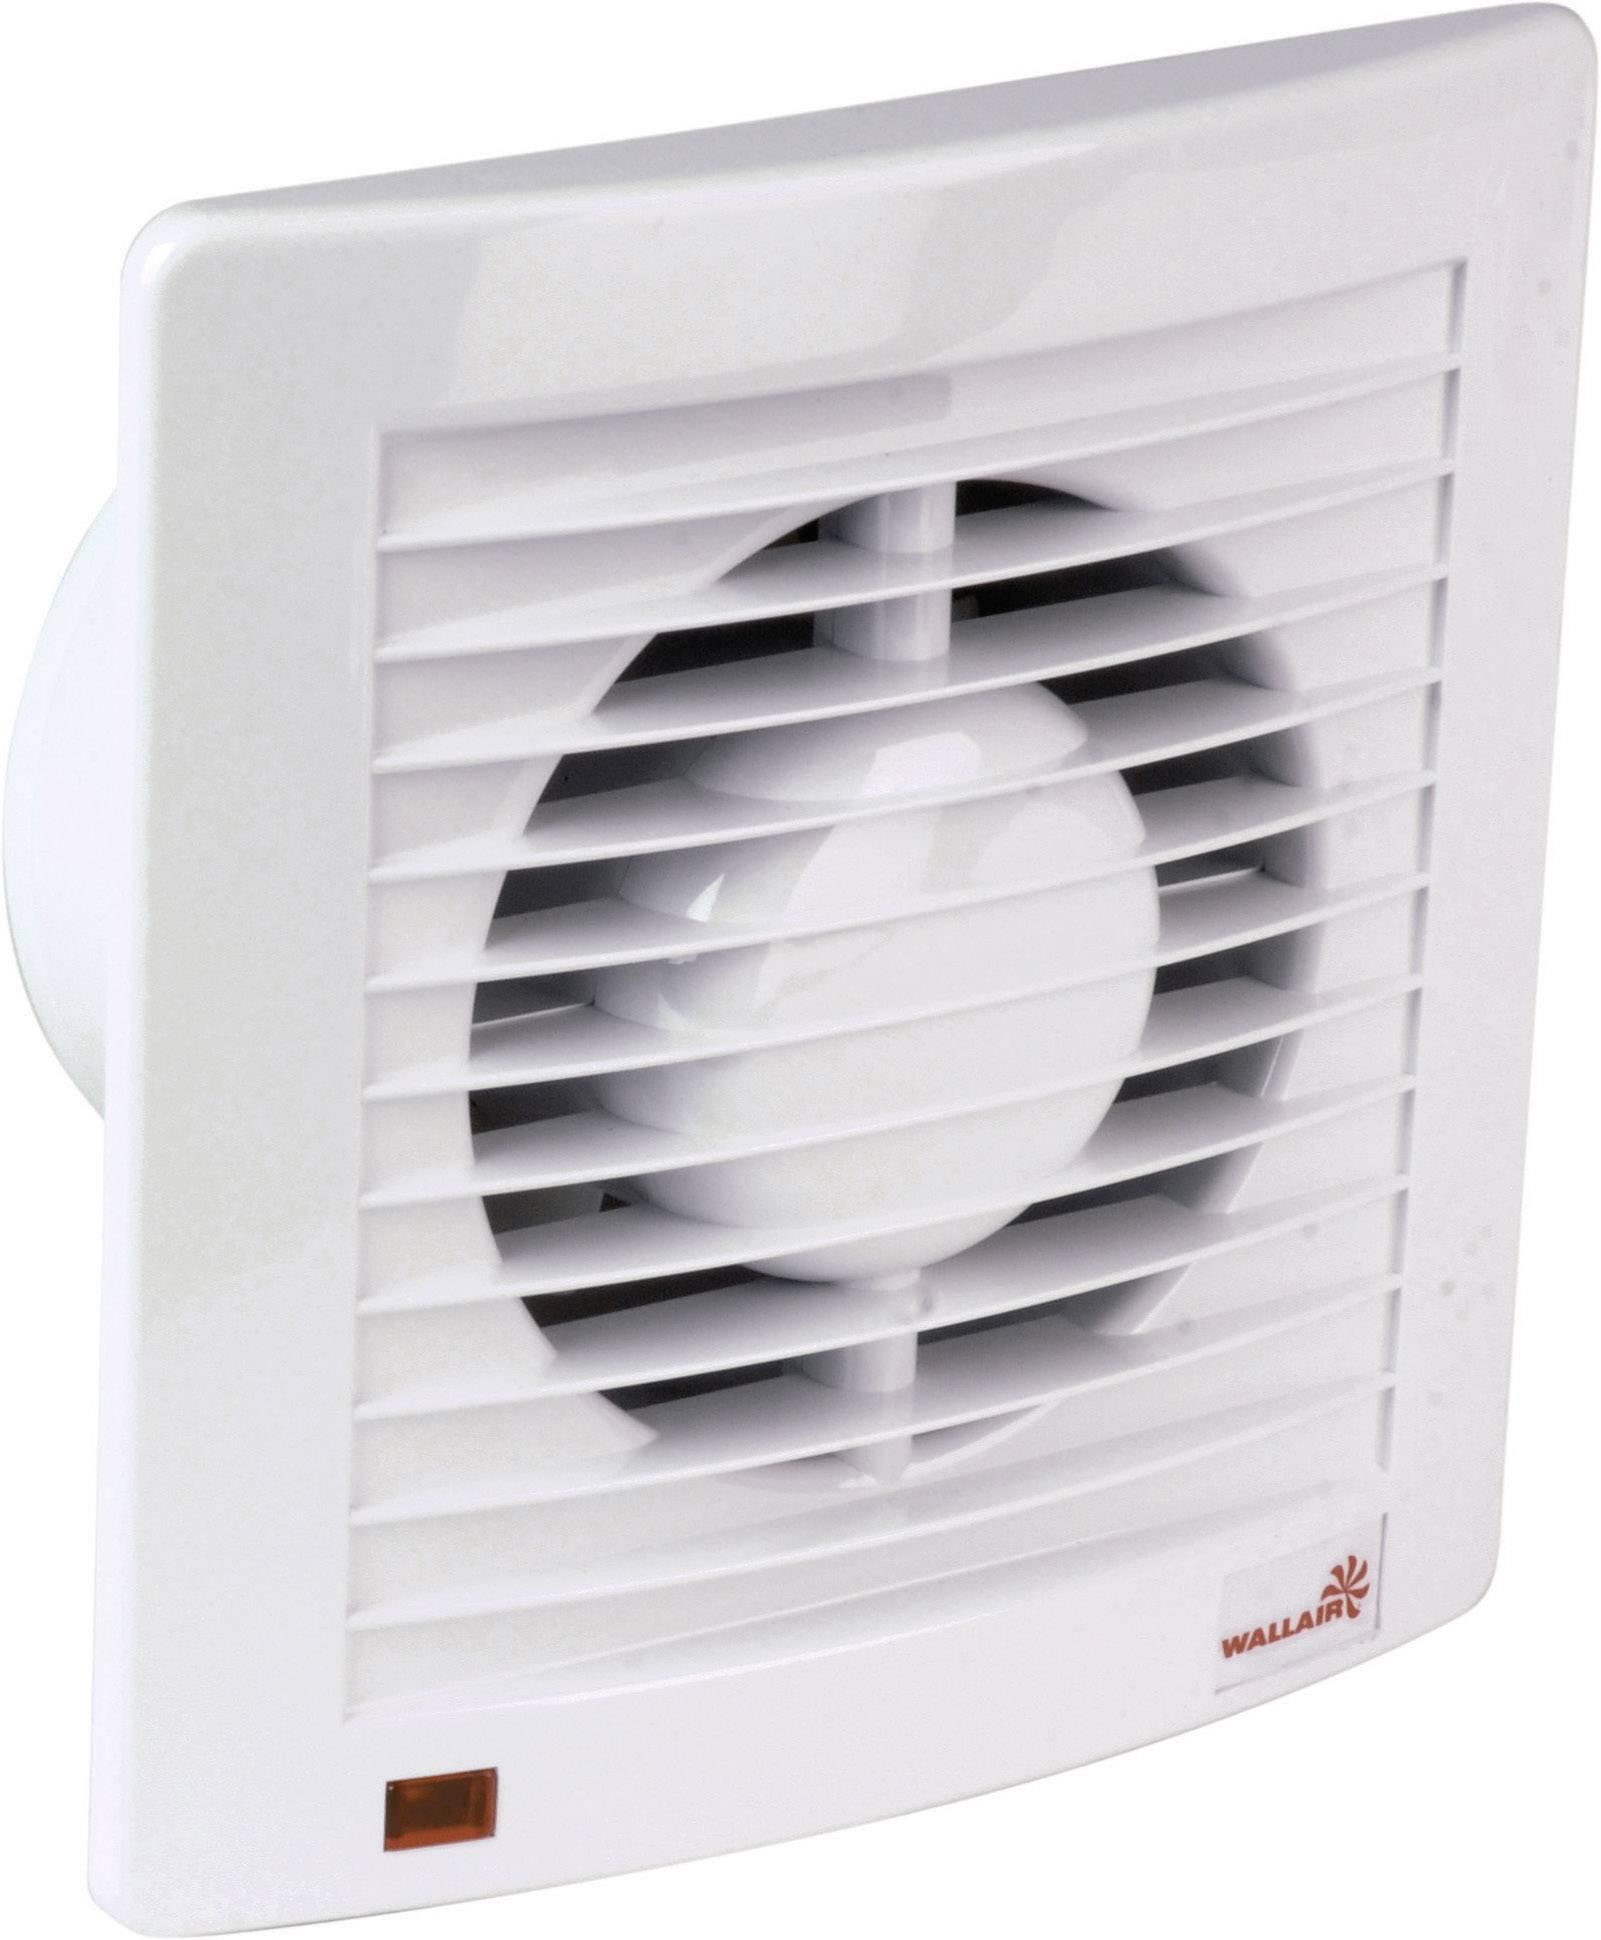 Nástenný a stropný ventilátor Wallair W-Style 150 mm, biely